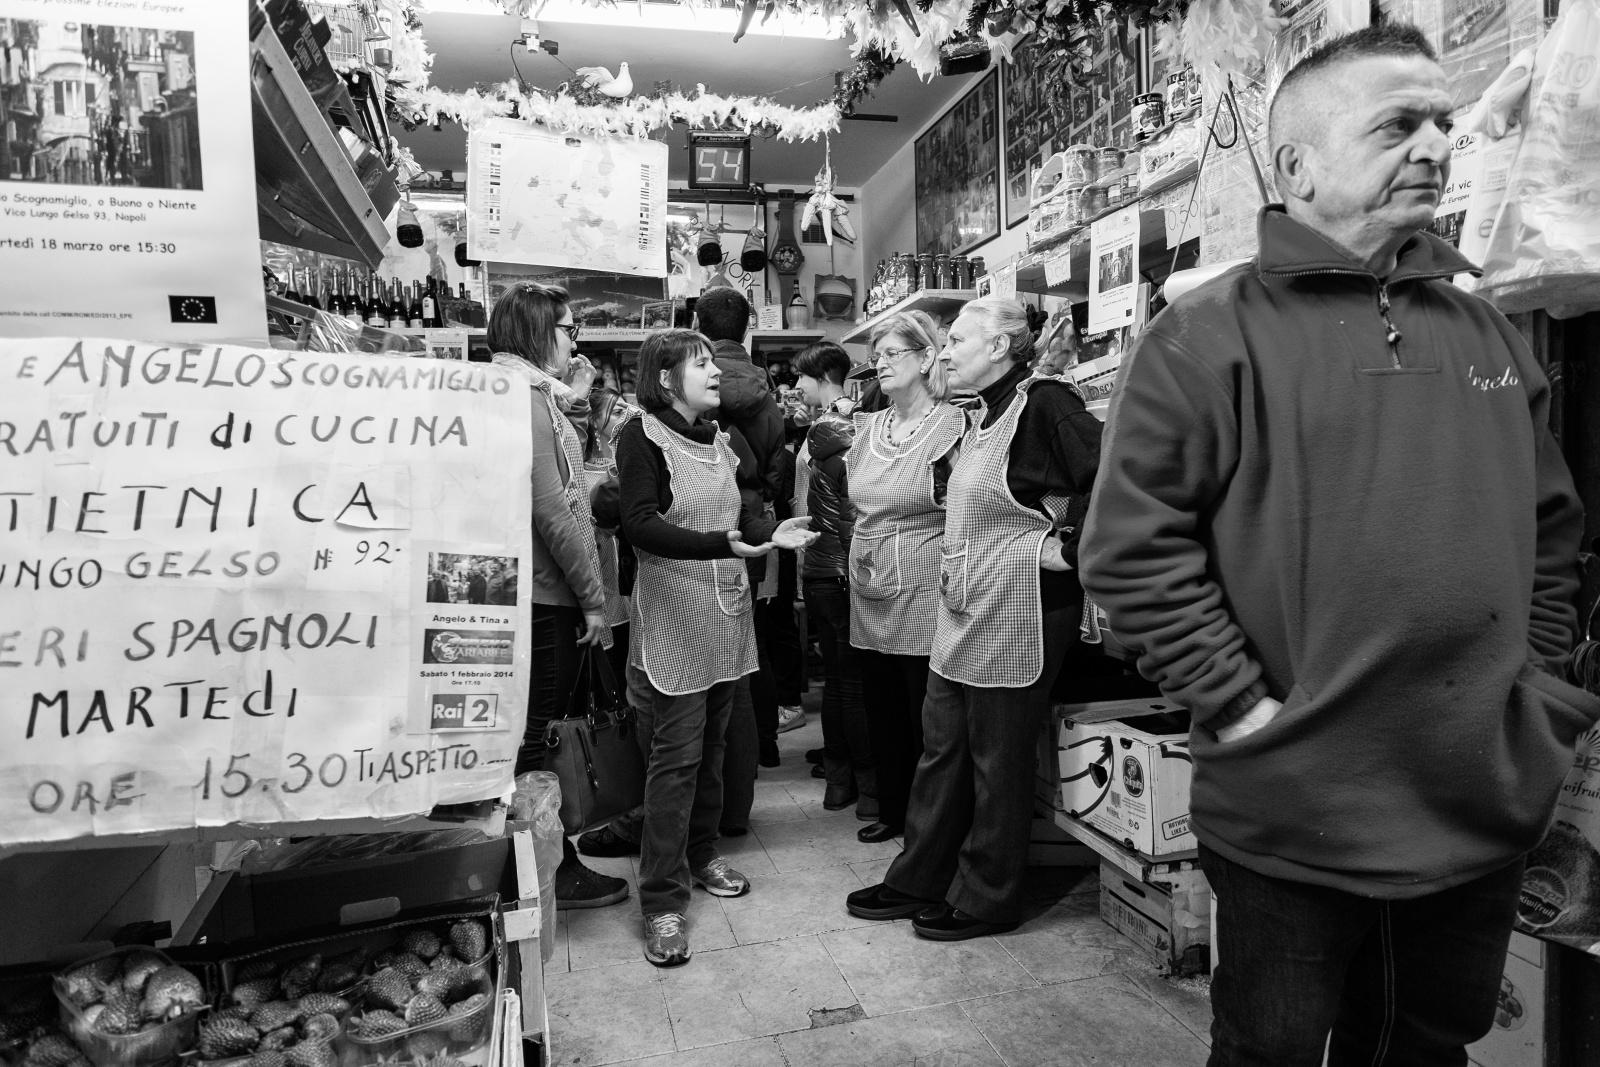 Aspiranti masterchef napoletani - Ortofrutta Scognamiglio - Via Lungo Gelso, quartieri Spagnoli, Napoli, 2014